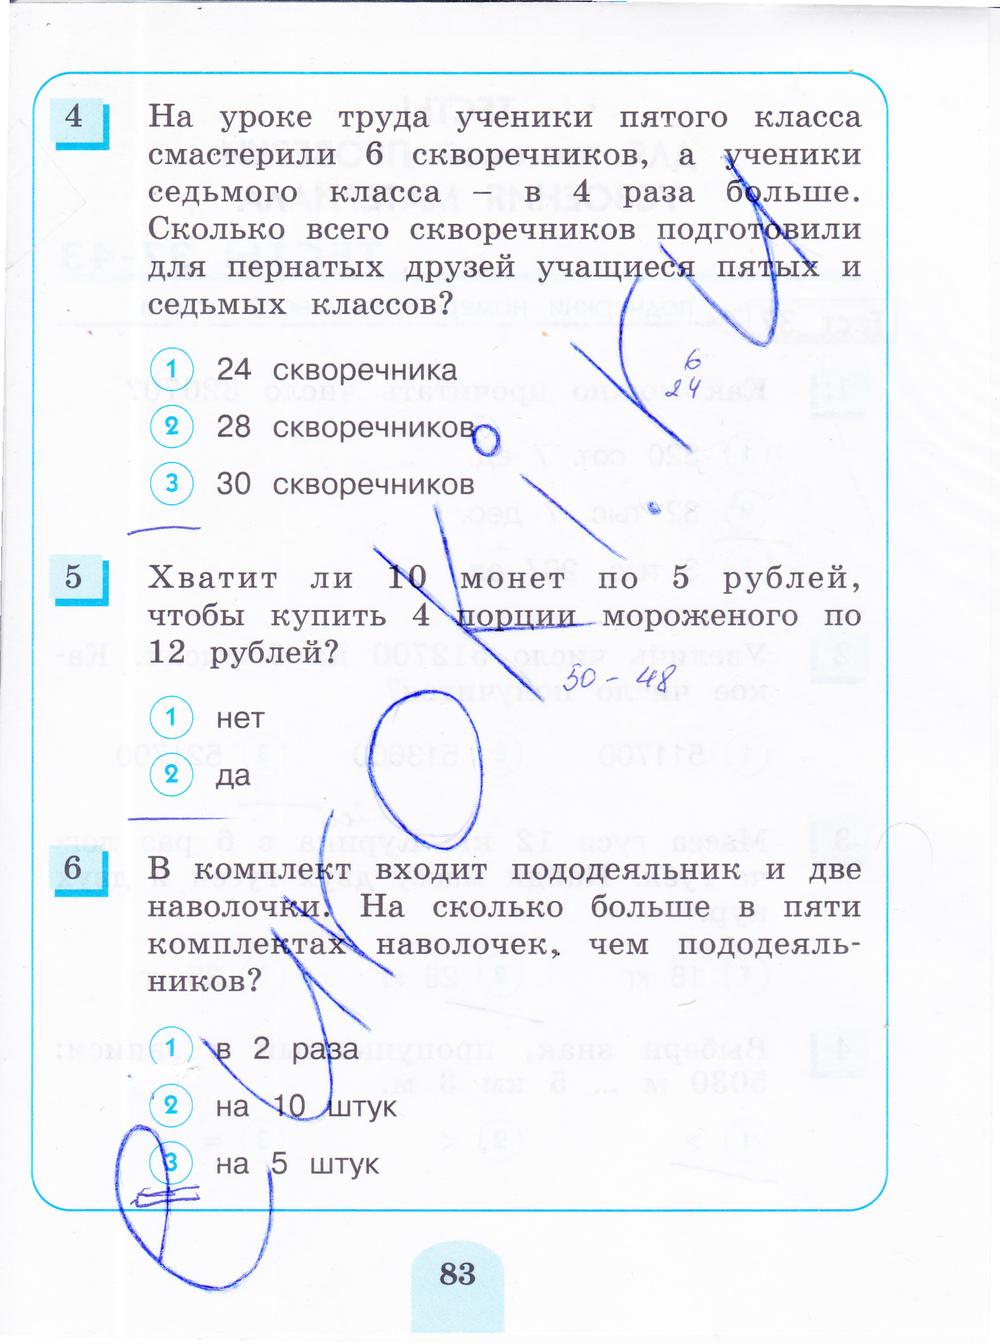 пятый класс готовое задание домашнее математика